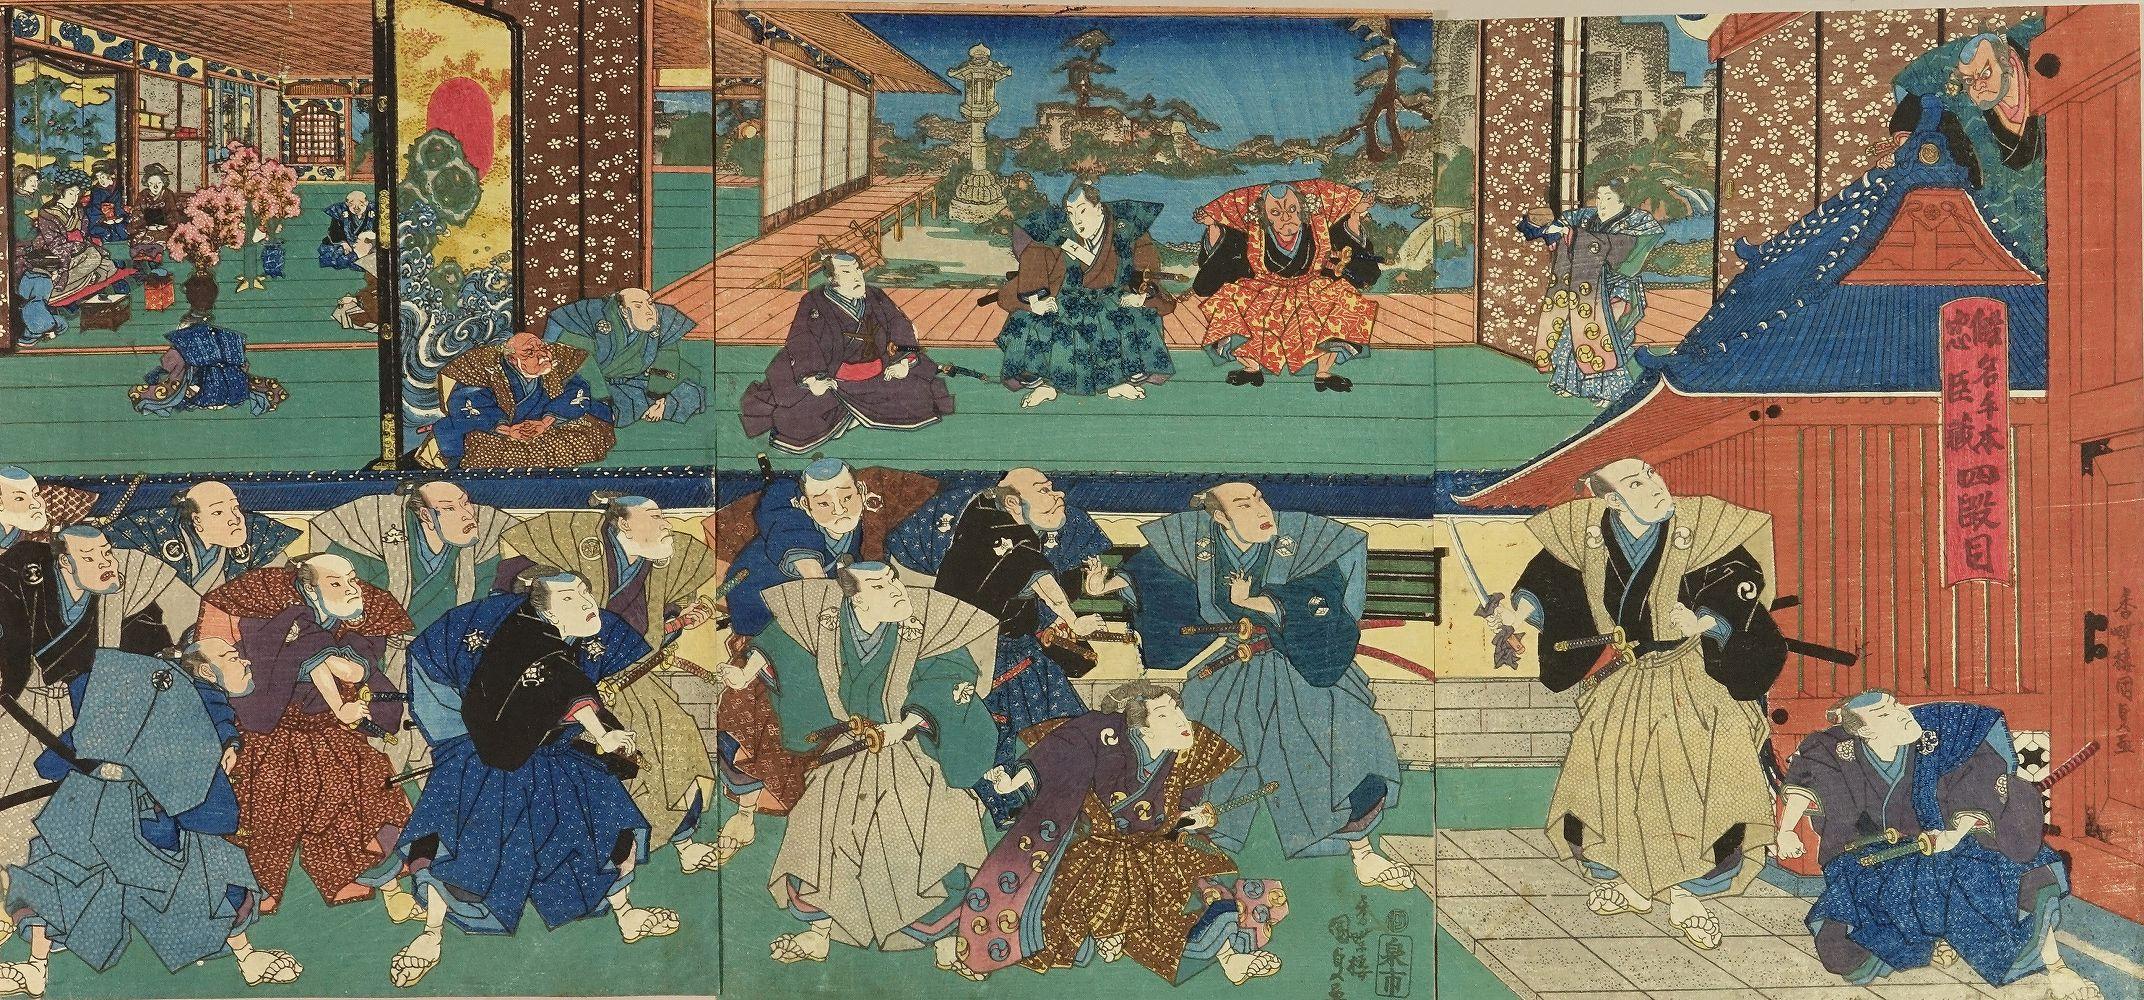 KUNISADA Act IV of the play <i>Kanadehon Chushingura</i>, triptych